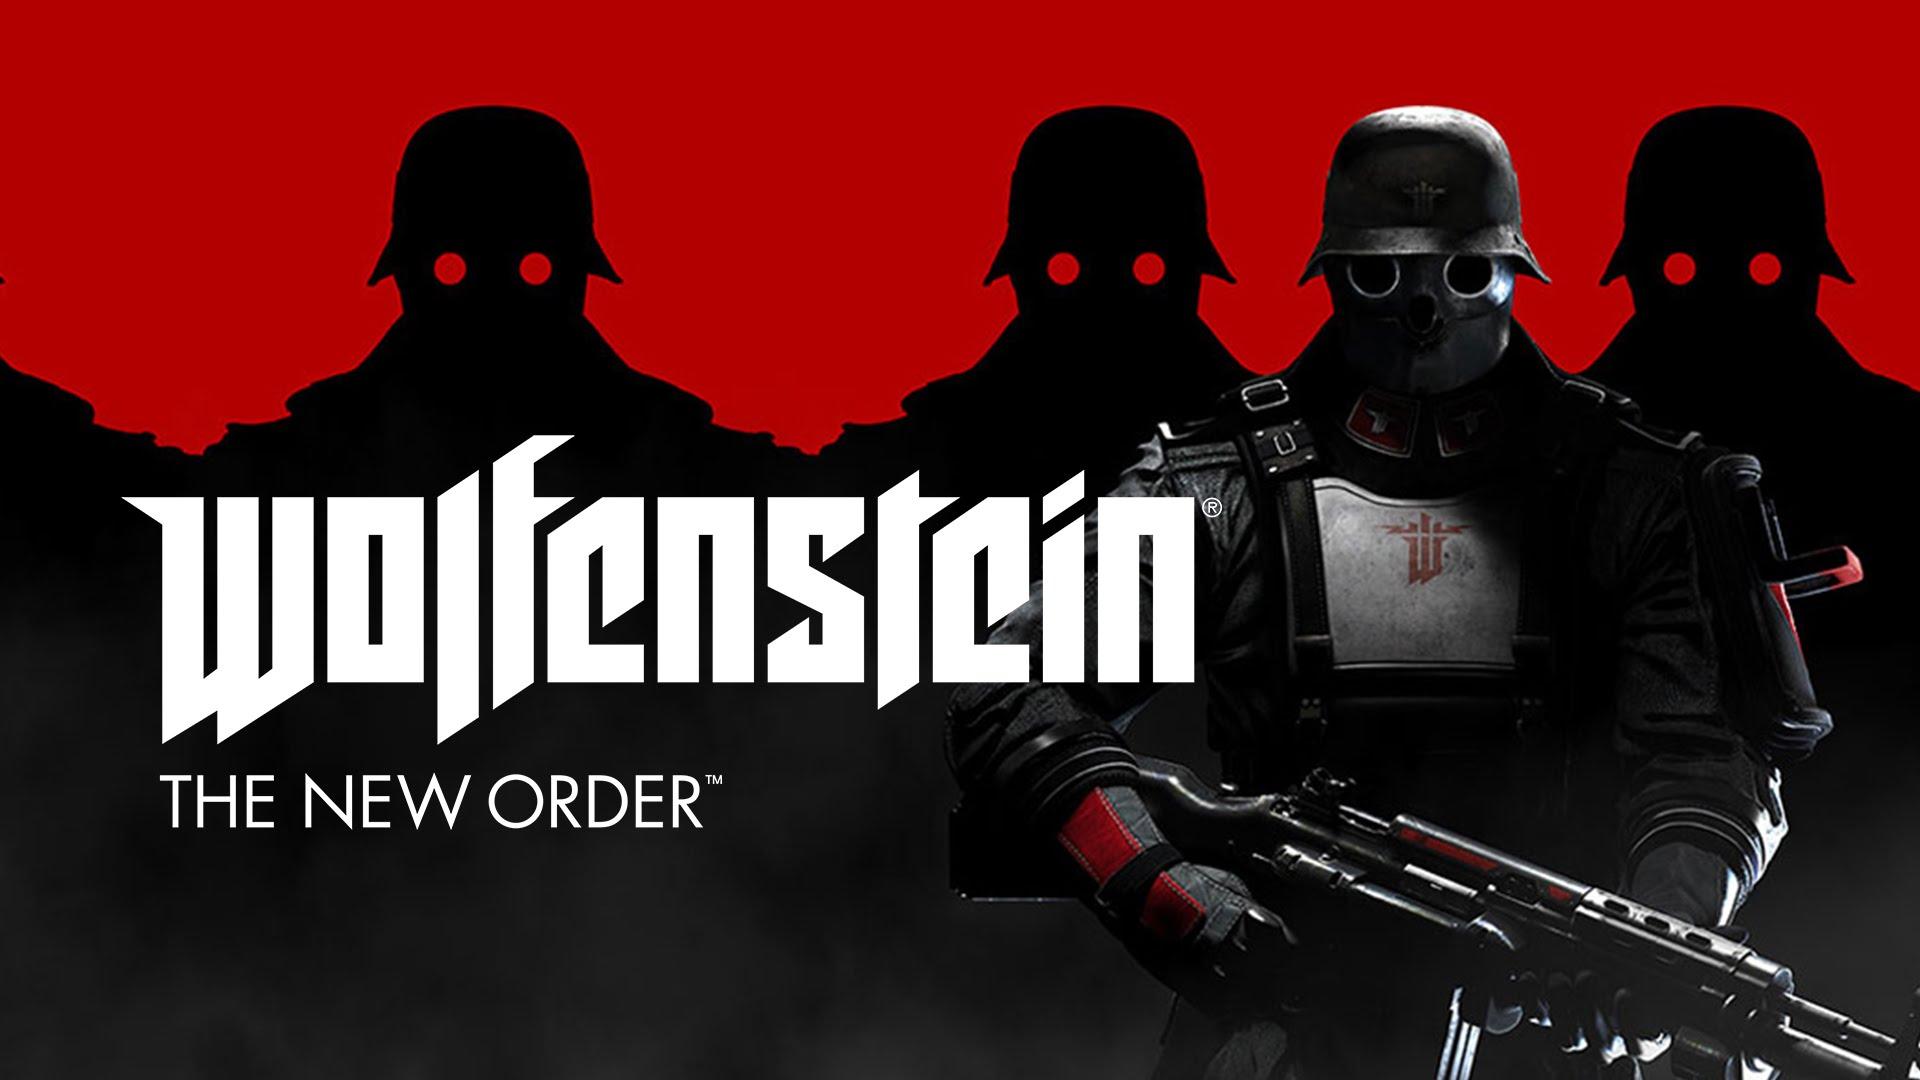 Wolfenstein The New Order Wallpaper HD